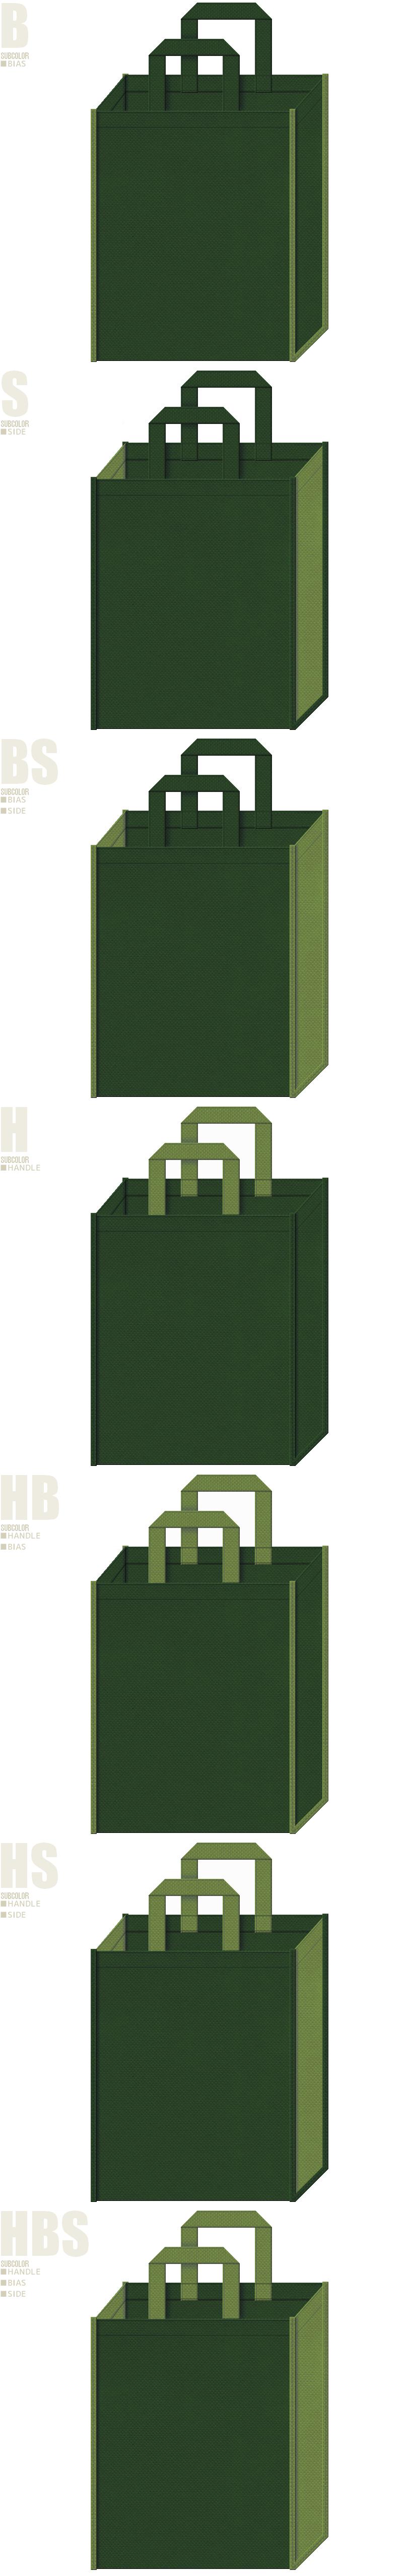 濃緑色と草色、7パターンの不織布トートバッグ配色デザイン例。盆栽・園芸・造園用品の展示会用バッグにお奨めです。